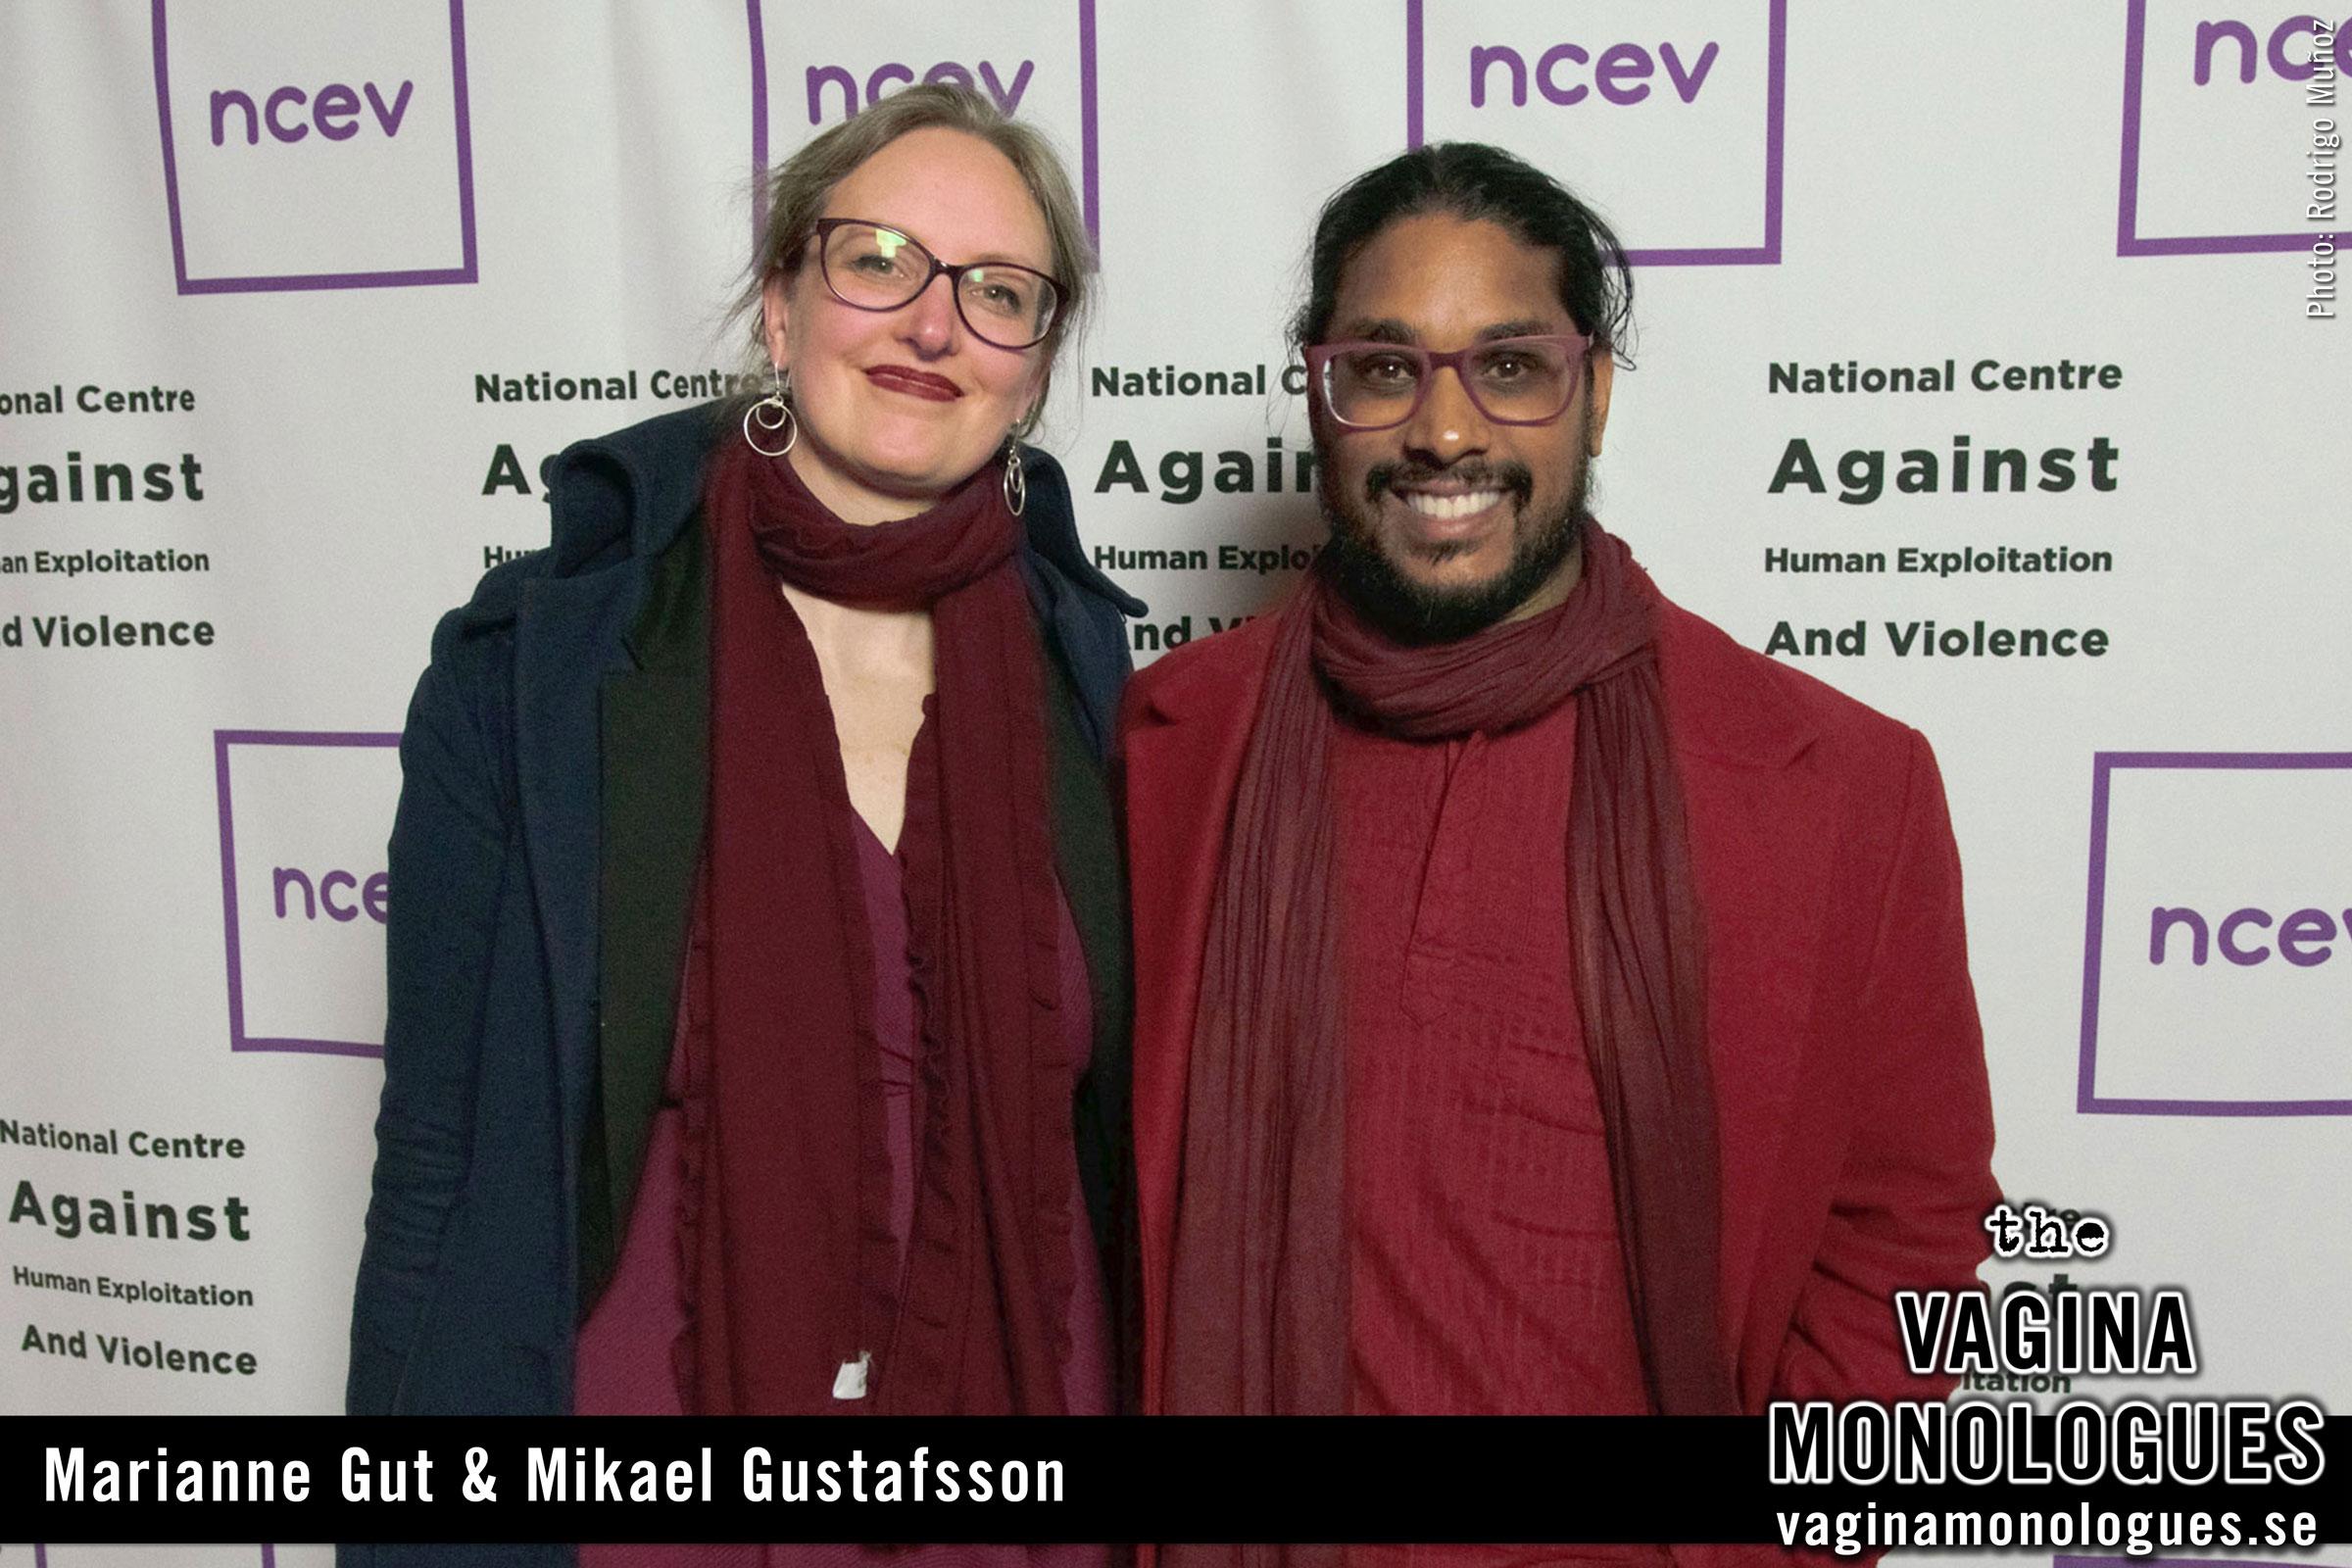 Marianne Gut & Mikael Gustafsson